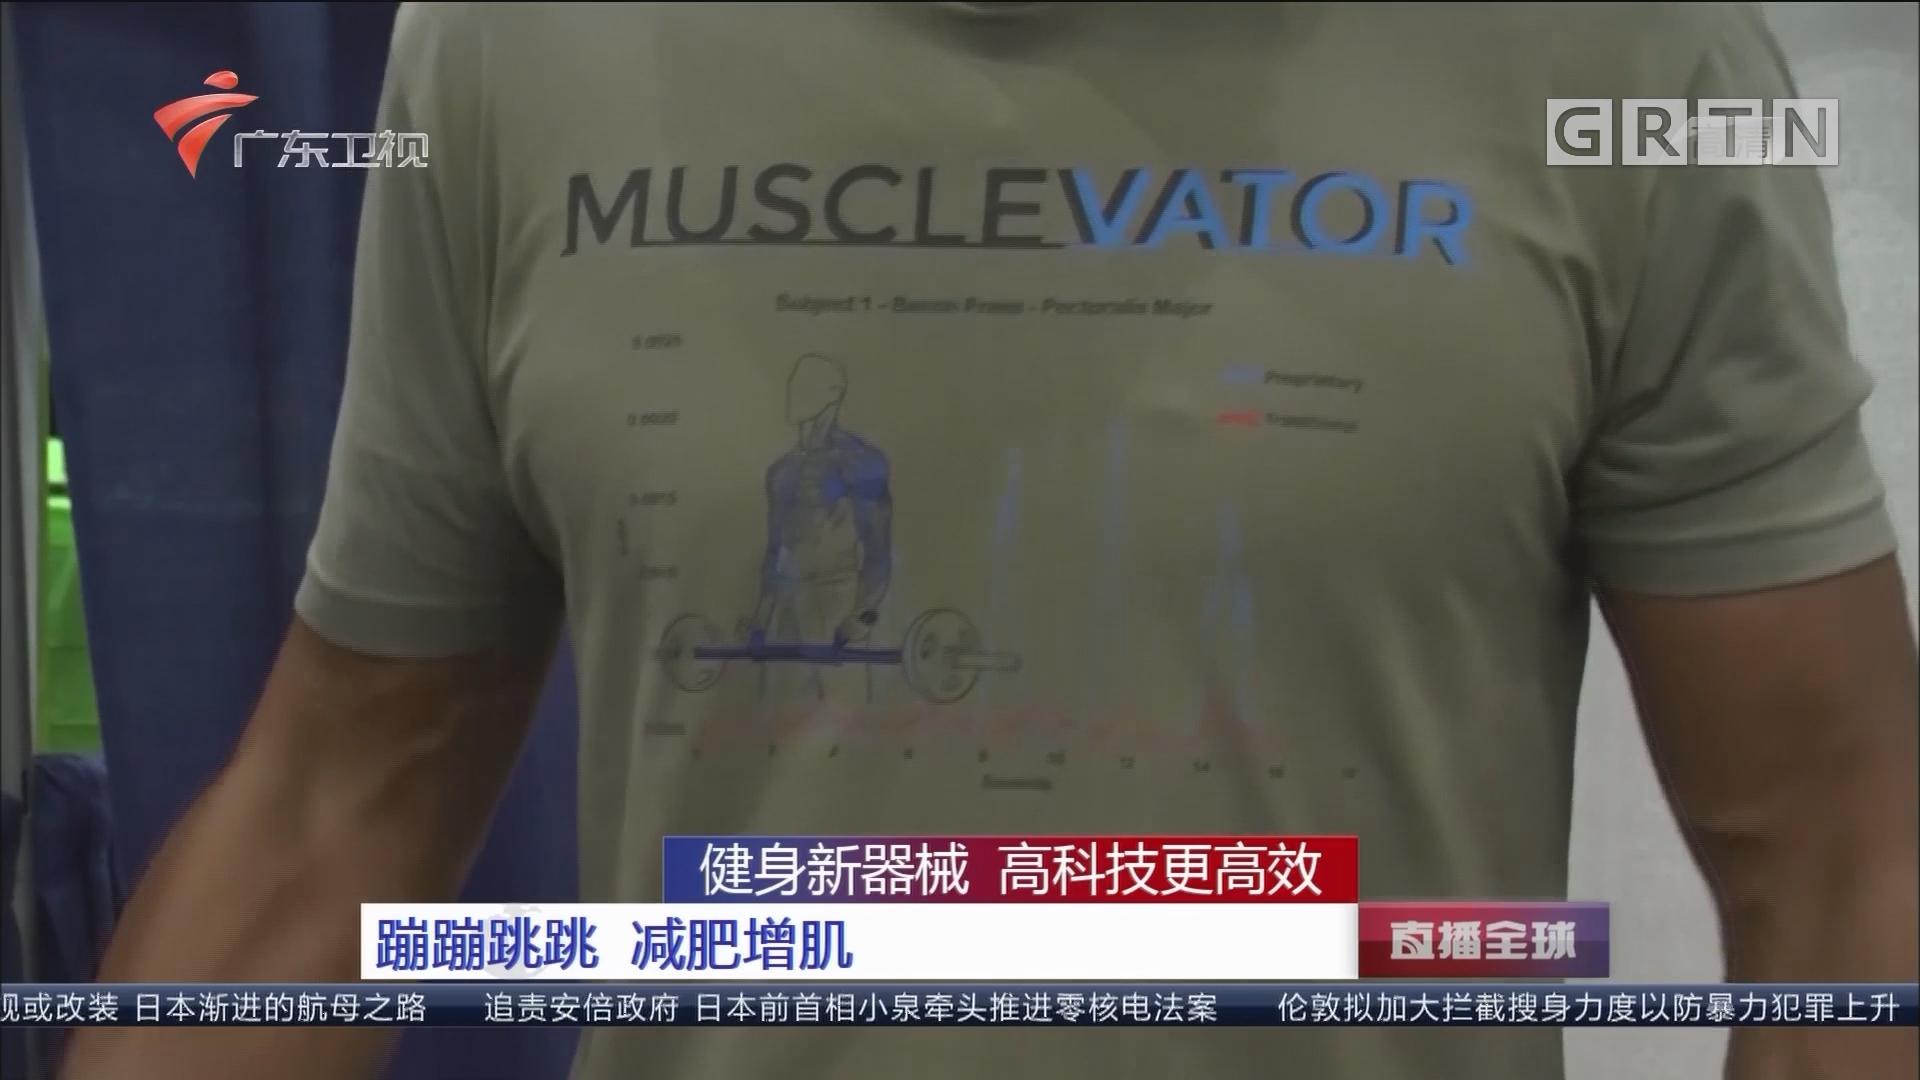 健身新器械 高科技更高效:蹦蹦跳跳 减肥增肌